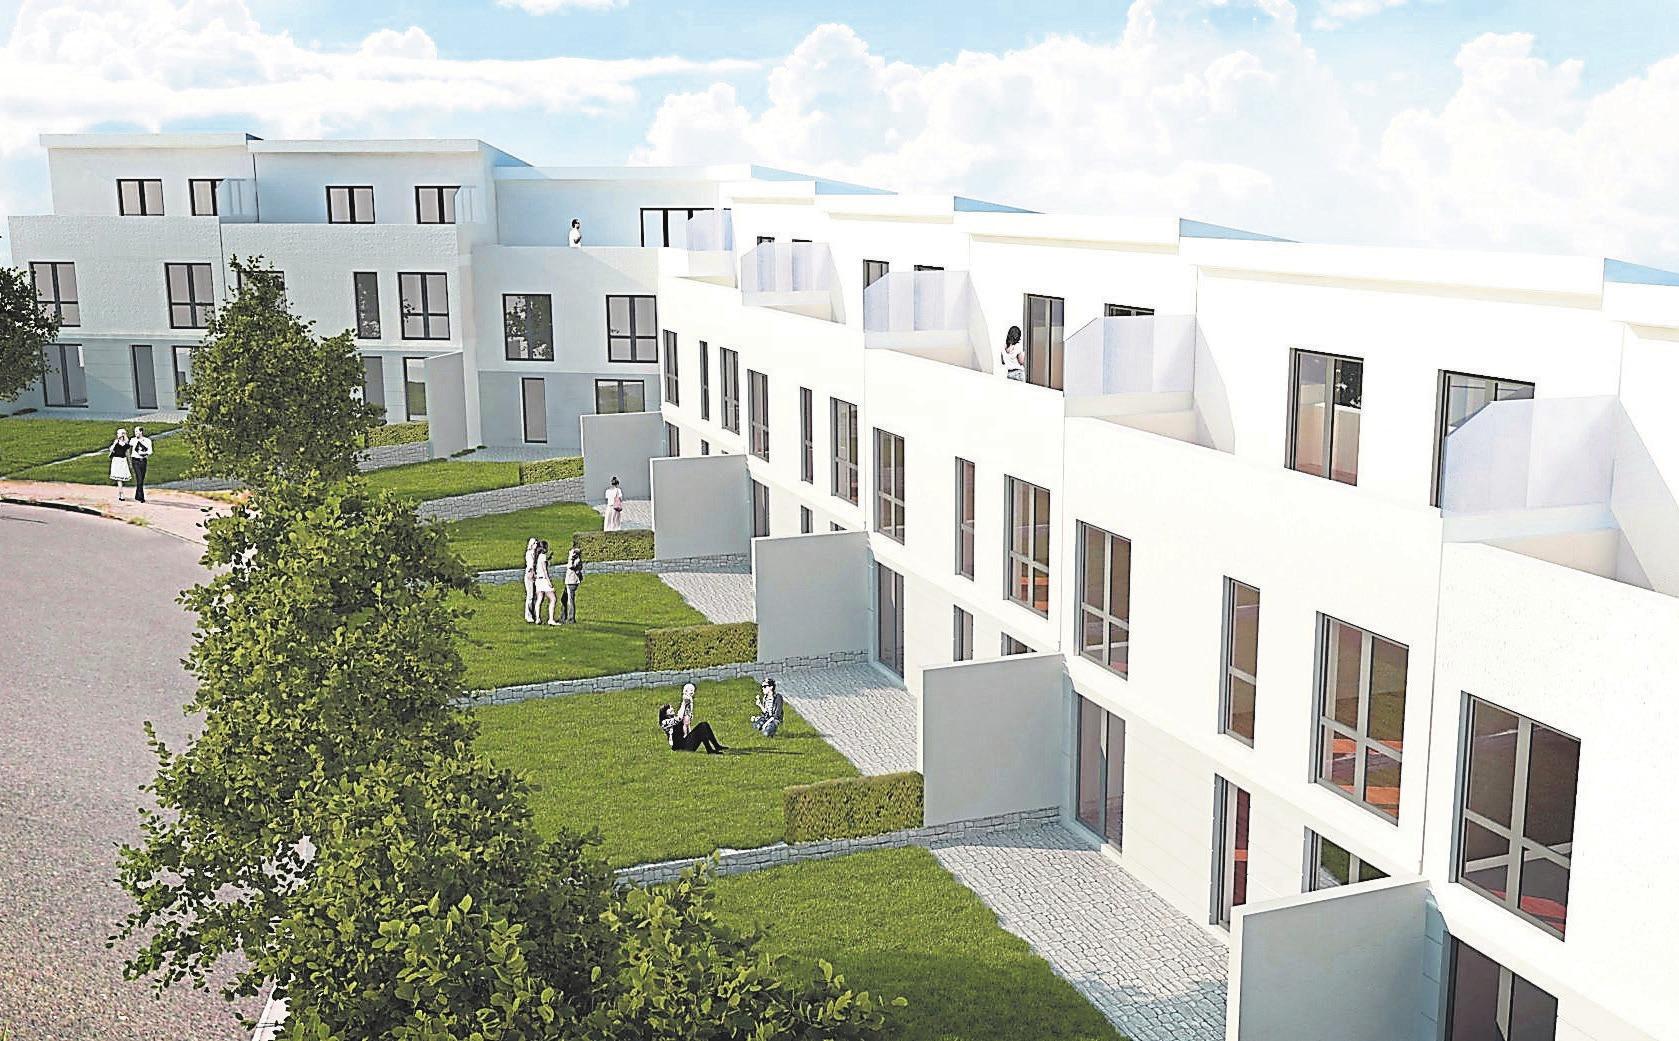 Die Zukunft und der momentane Zustand: An der Dr.-Else-Heidegger-Straße entstehen neun Reihenhäuser, die allesamt über eigenen Garten, Terrasse und sogar eine Dachterrasse verfügen. Fotos: Heumann, Ademaj GmbH